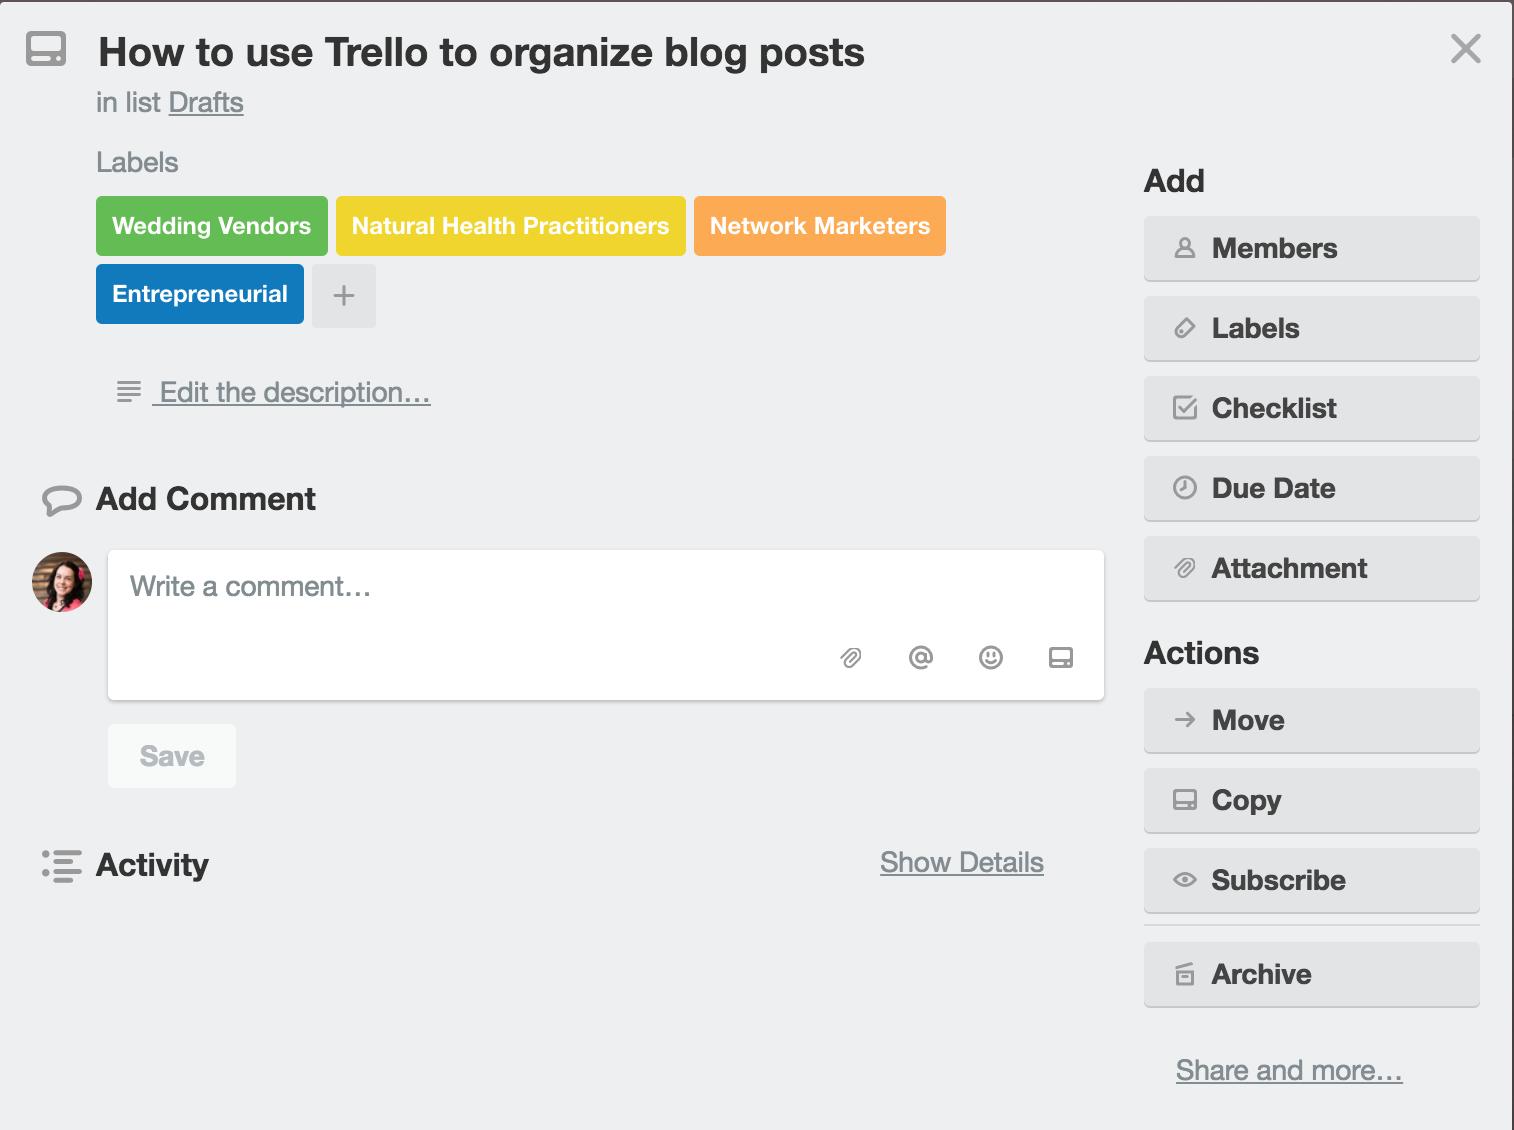 Organize blog with Trello